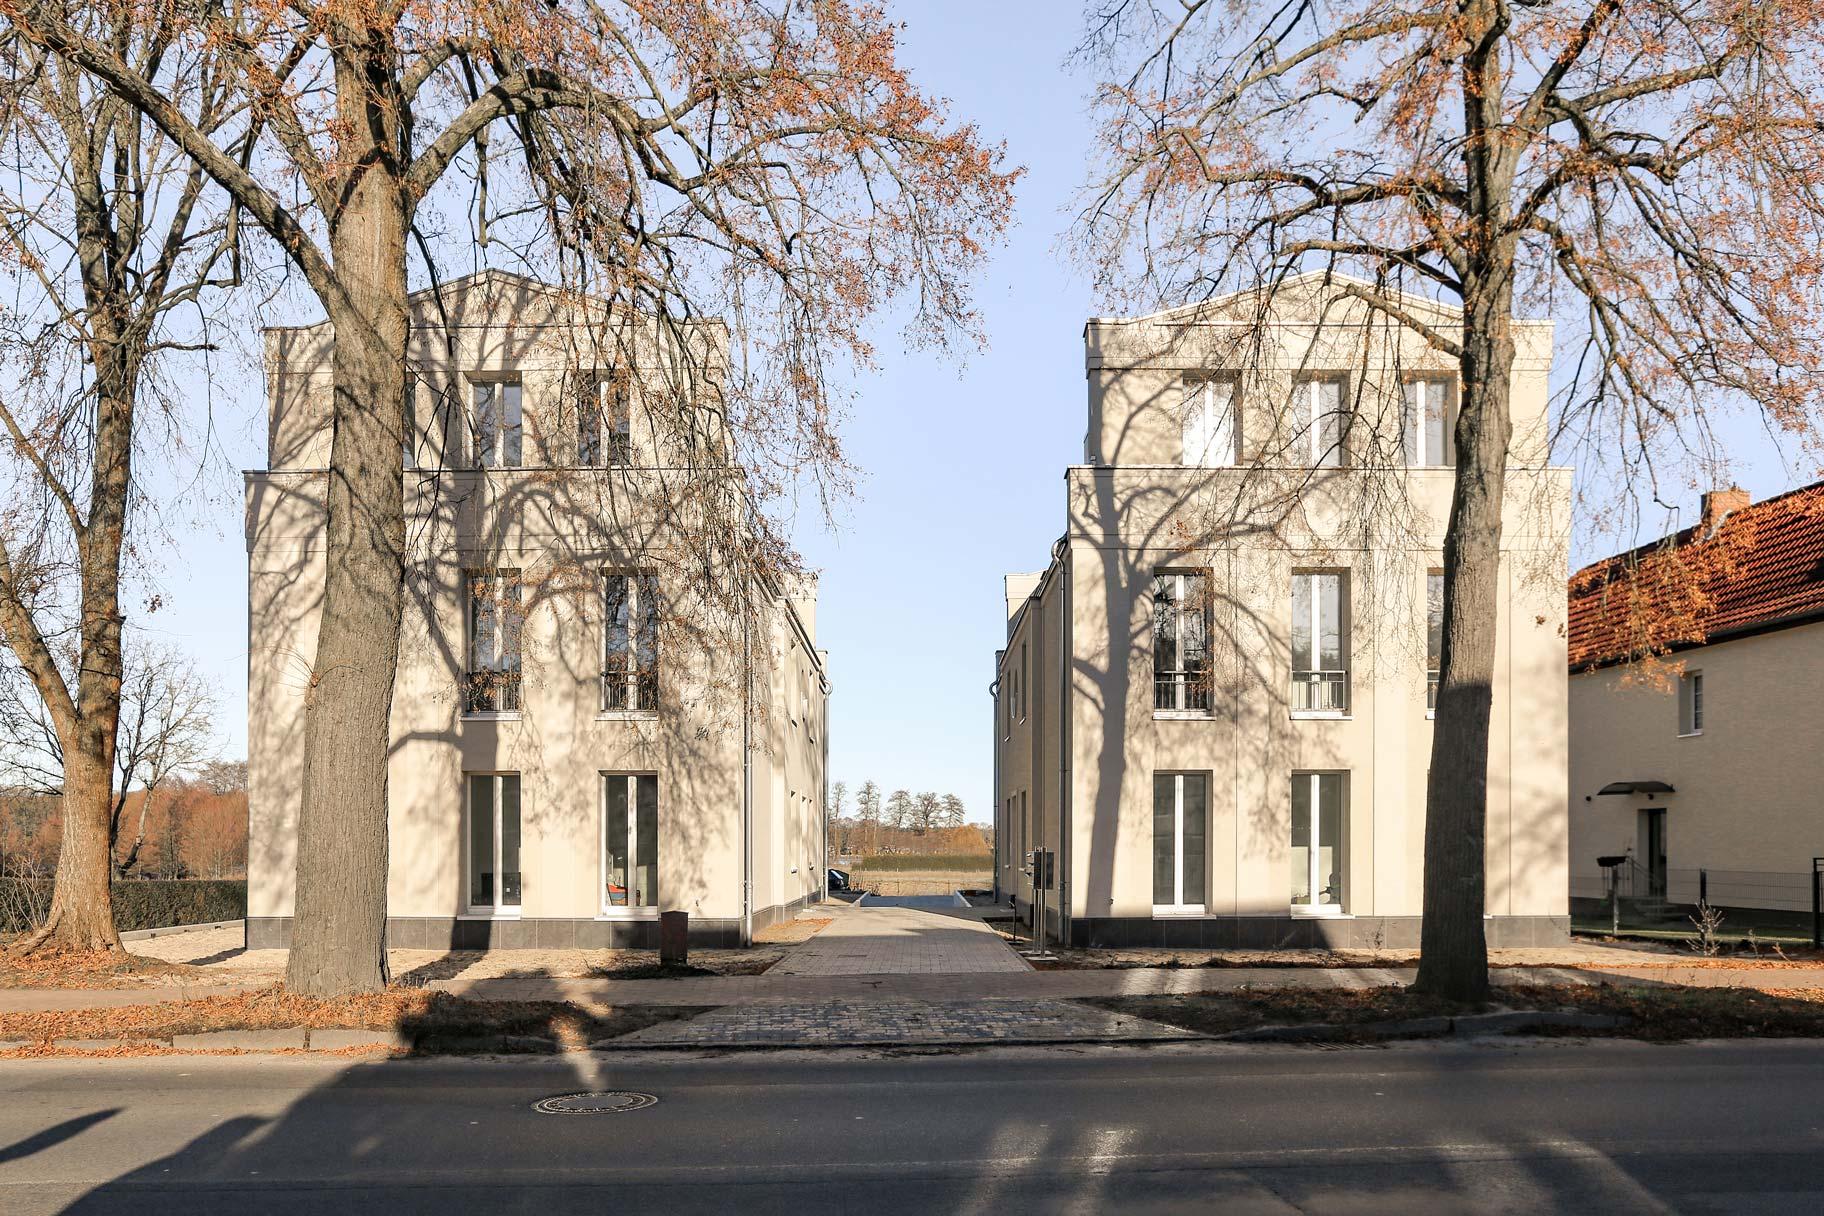 Neubau von Eigentumswohnungen im traditionellen Stil Berlin - Die beiden Mehrfamilienwohnhäuser liegen an einer Piazza.